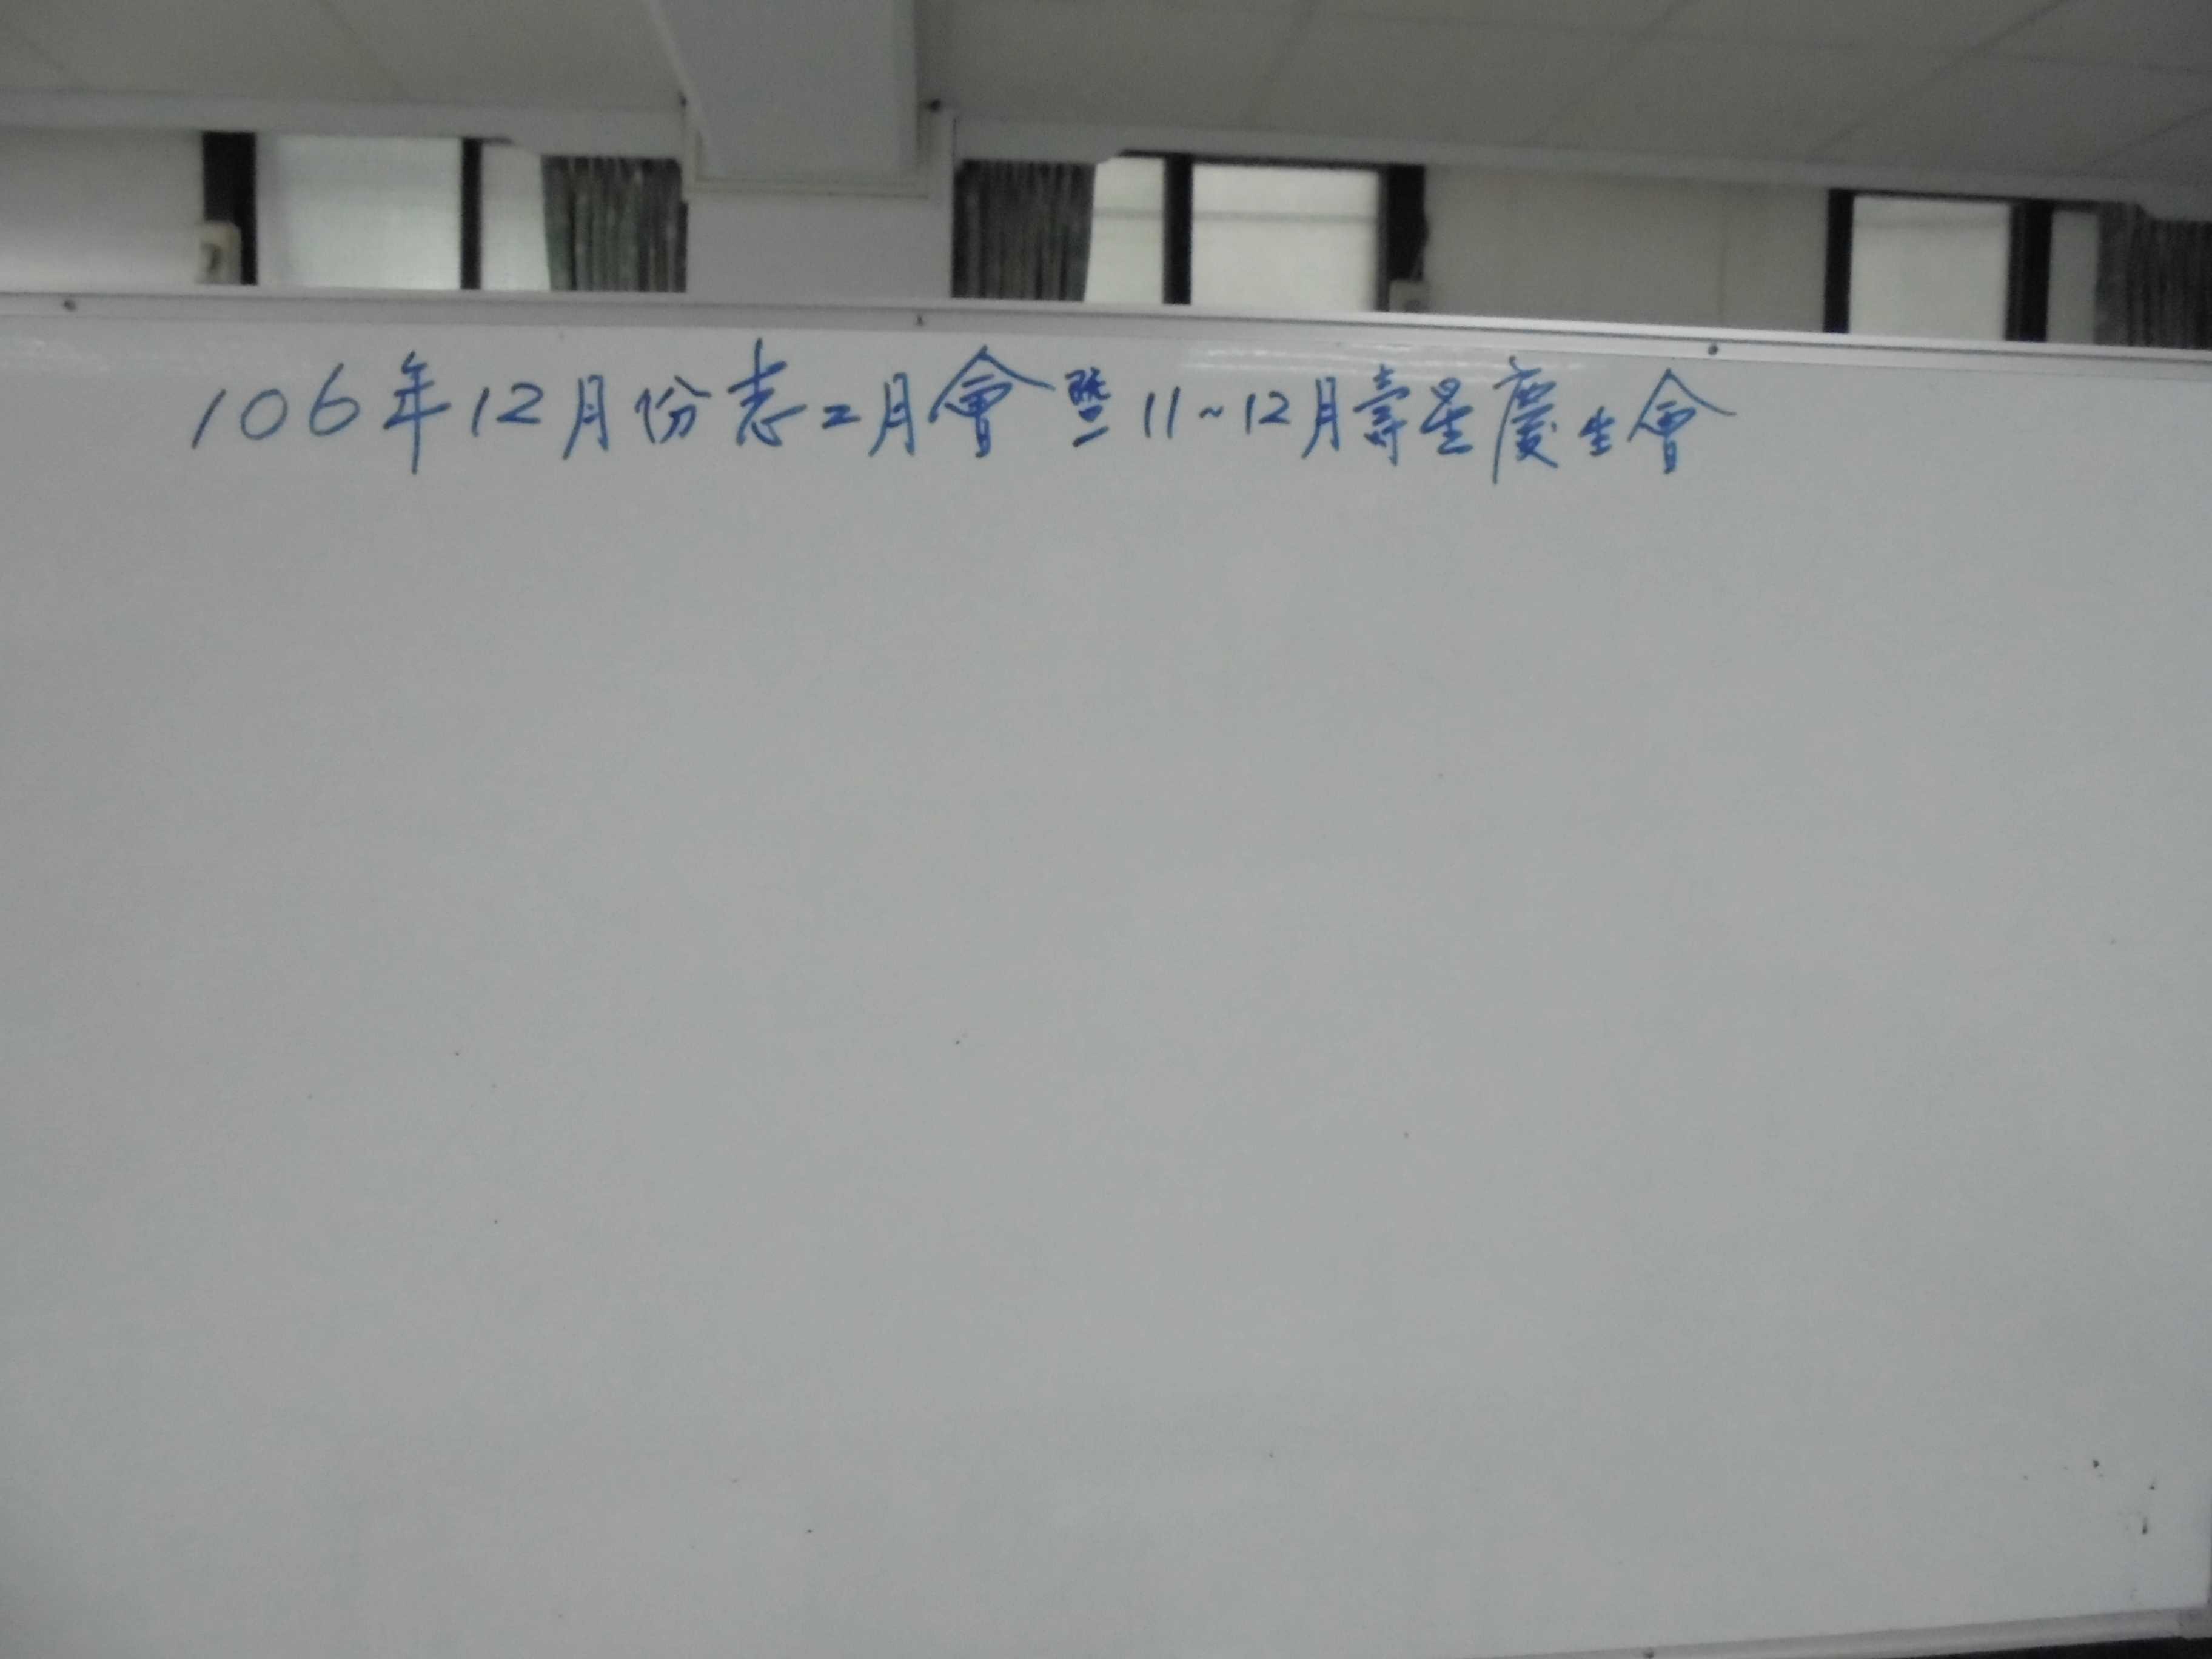 高雄市鳳山老人活動中心106年12月份志工月會